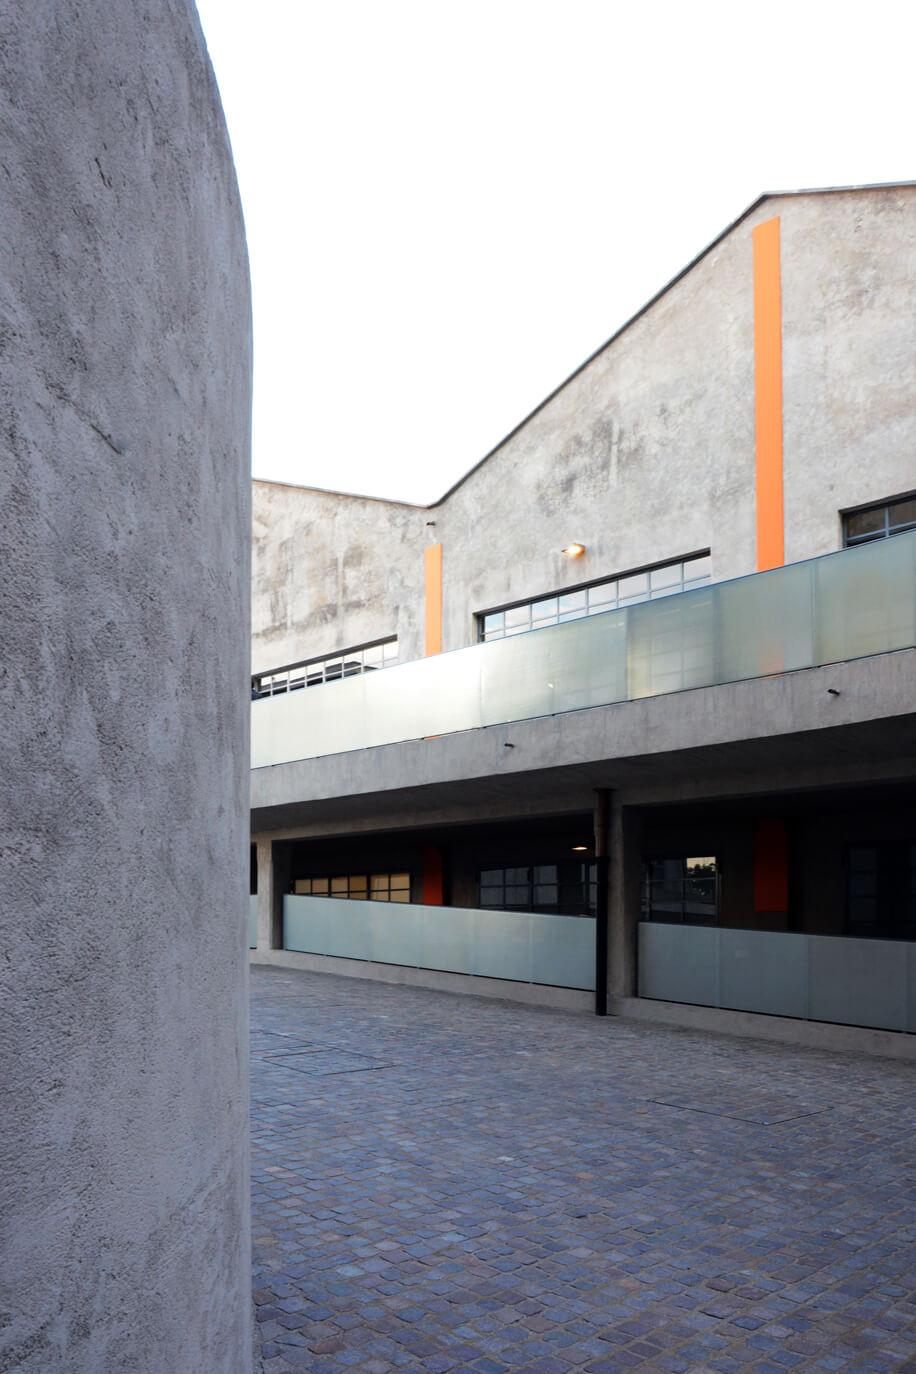 koolhaas. Un esempio di eclettismo in architettura.